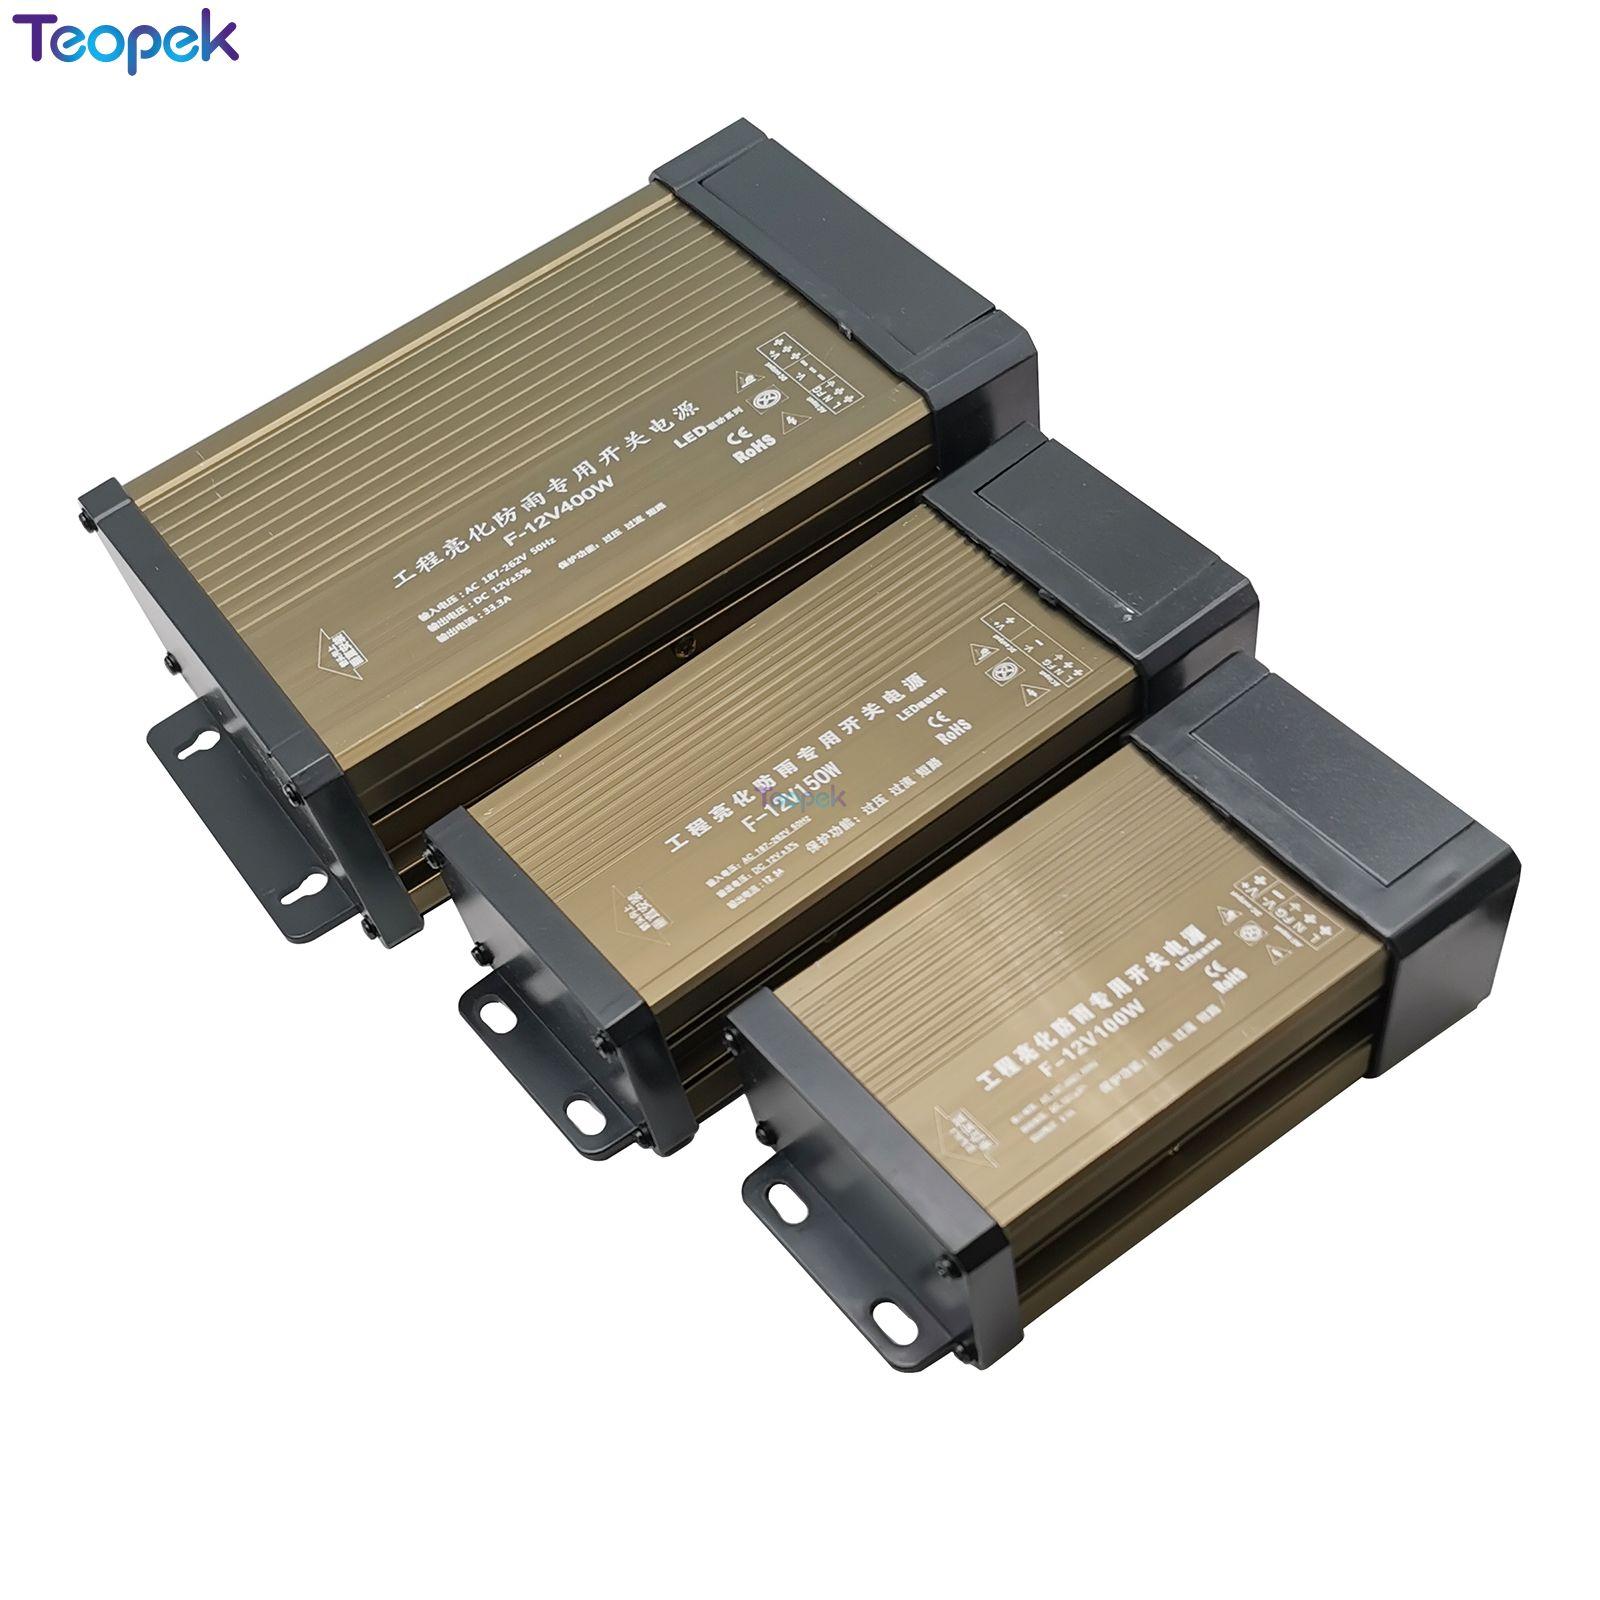 Rainproof Switching Power Supply IP43 DC12V 60W 100W 150W 200W 300W 400W 12V LED Outdoor Transformer DC 12V